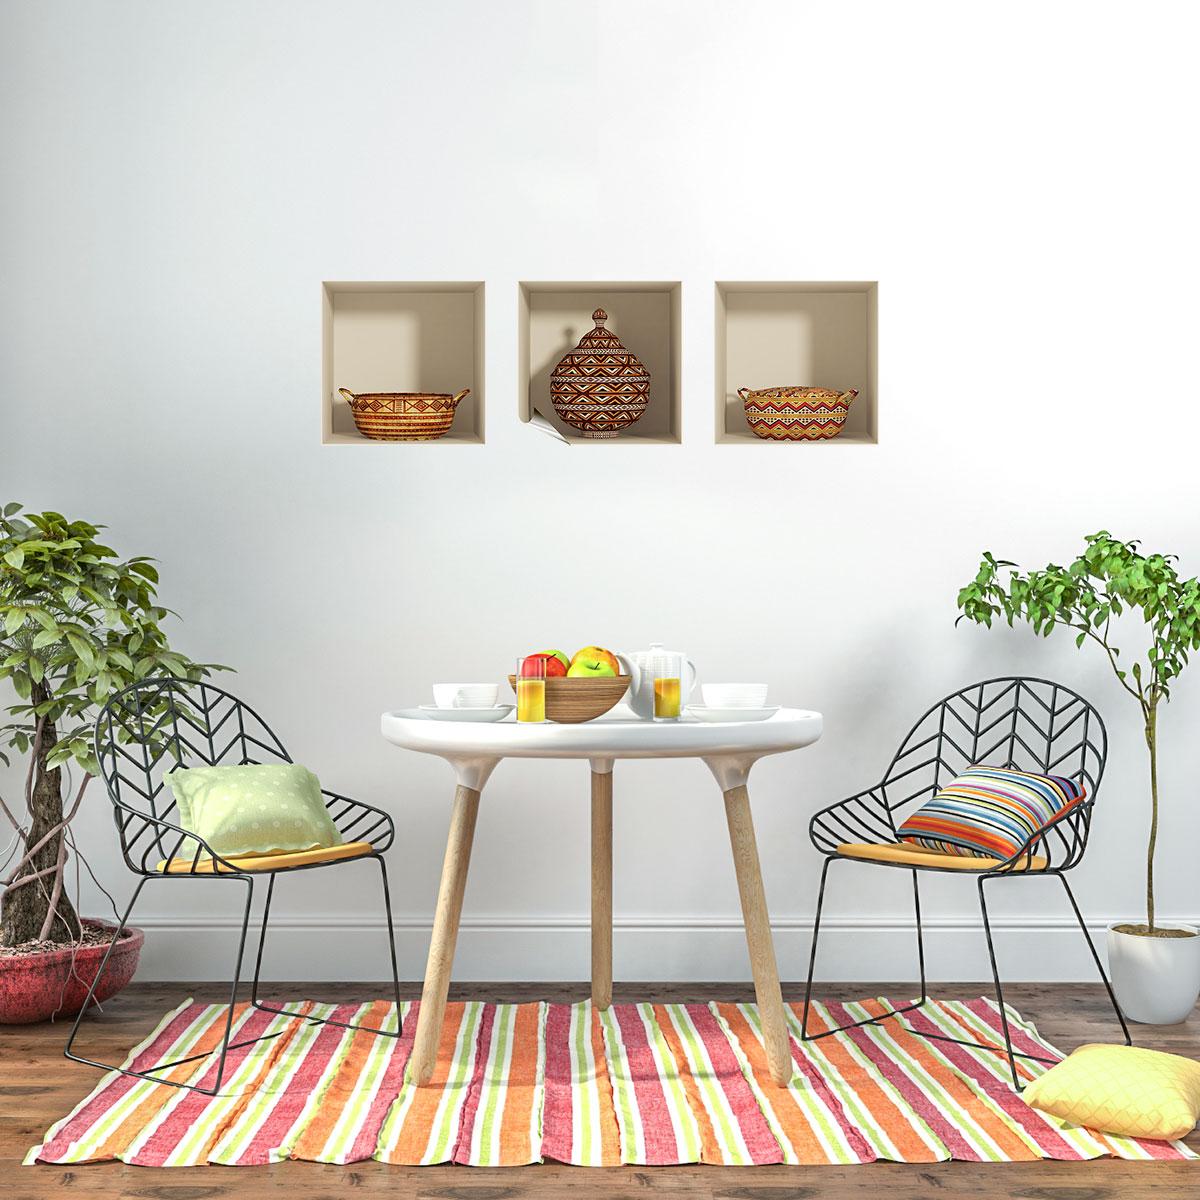 sticker effet 3d paniers africains stickers villes et voyages pays et voyages ambiance sticker. Black Bedroom Furniture Sets. Home Design Ideas